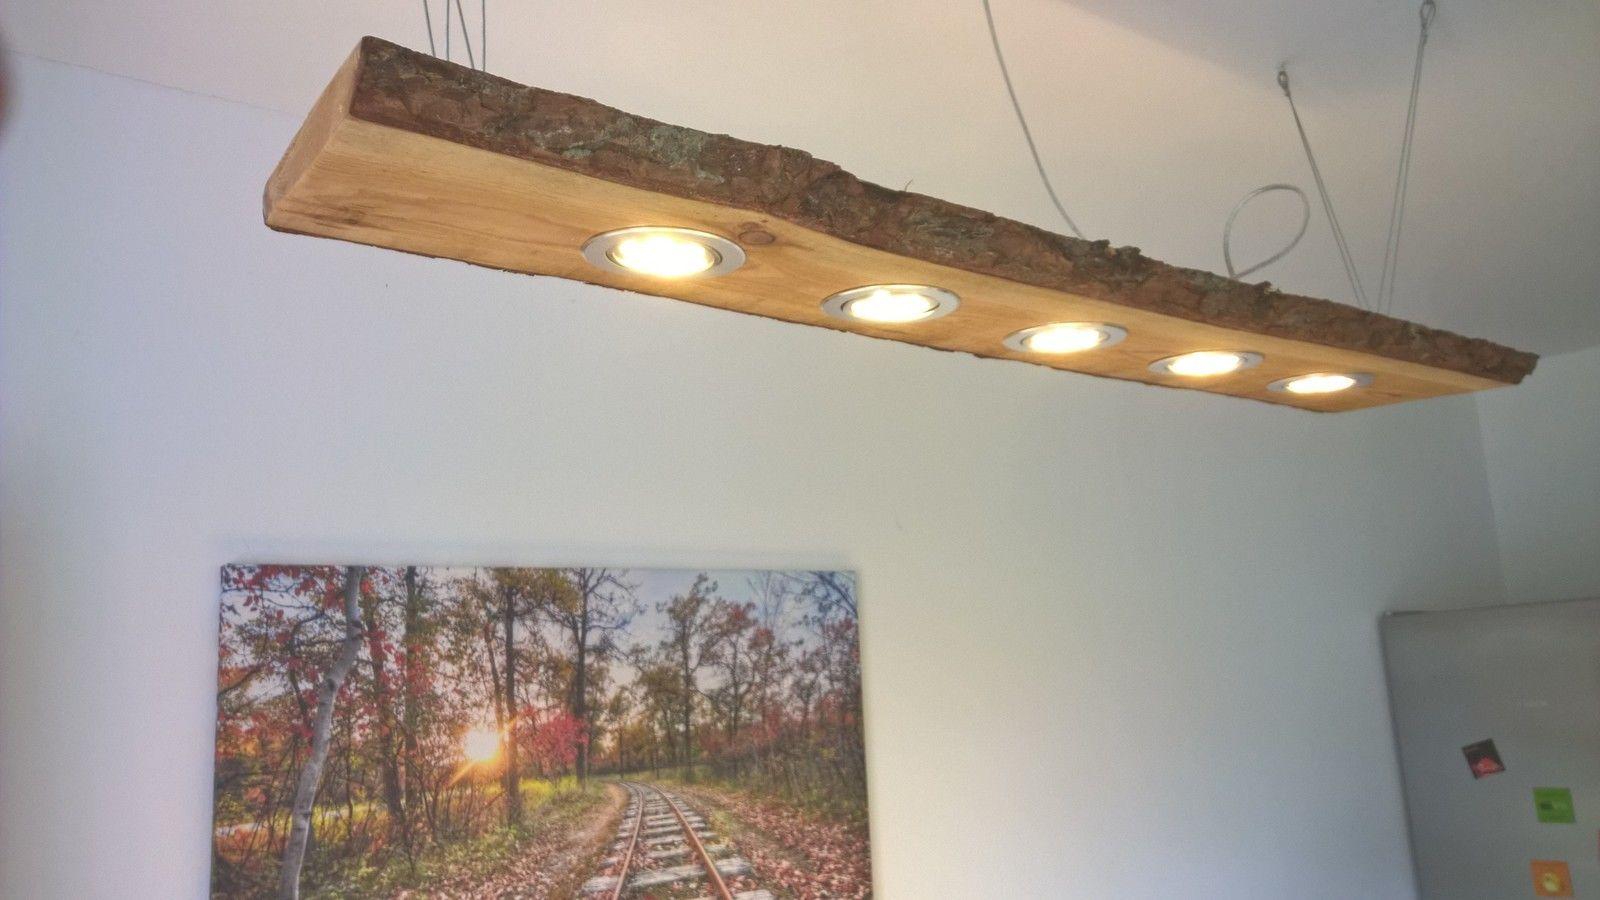 led decken holz lampe rustikal 120cm 5x 7w massivholz neu. Black Bedroom Furniture Sets. Home Design Ideas